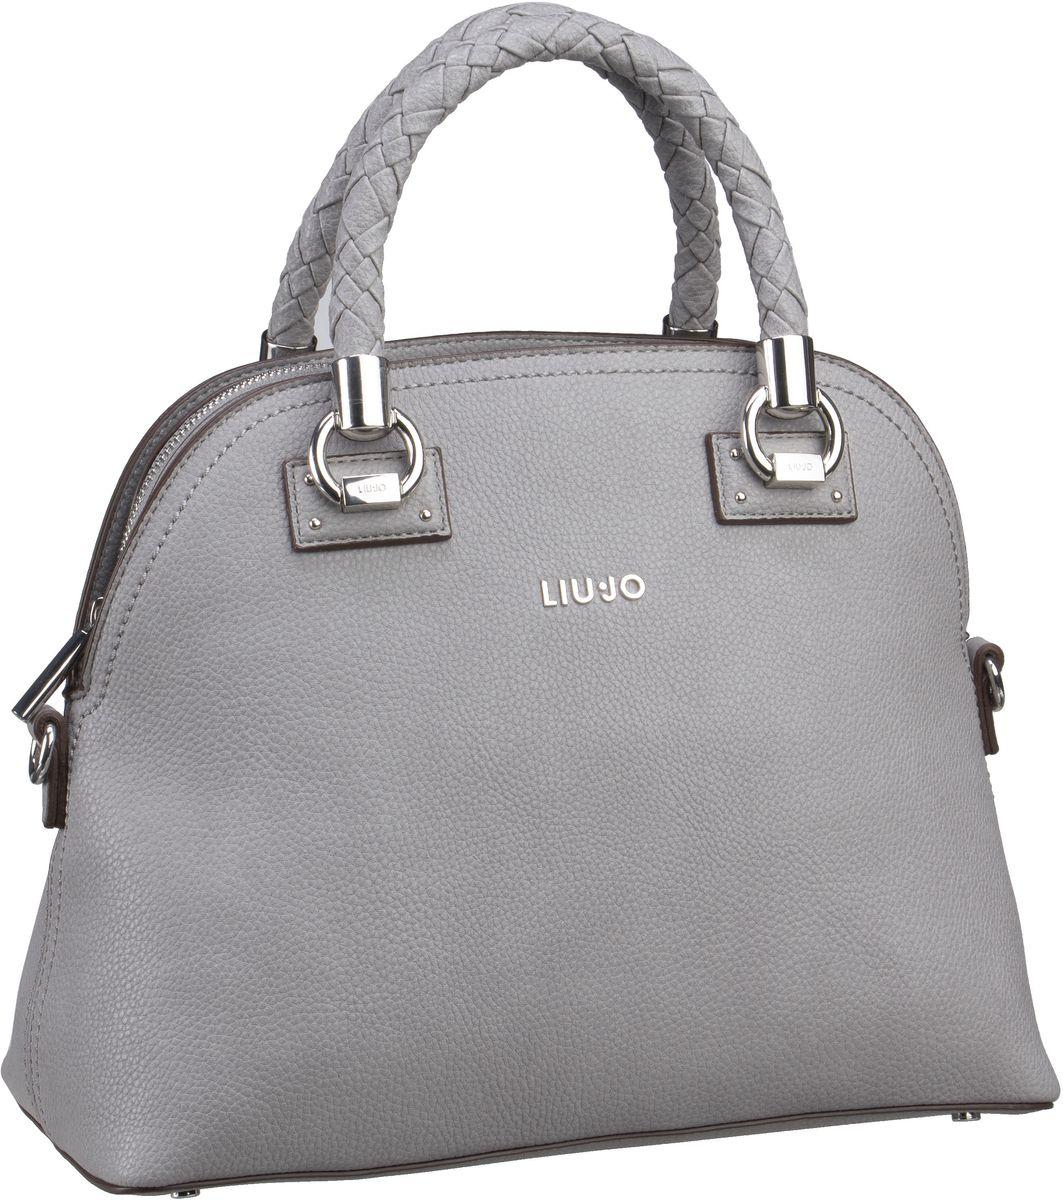 Handtaschen für Frauen - Liu Jo Handtasche Manhattan Satchel M Frozen  - Onlineshop Taschenkaufhaus